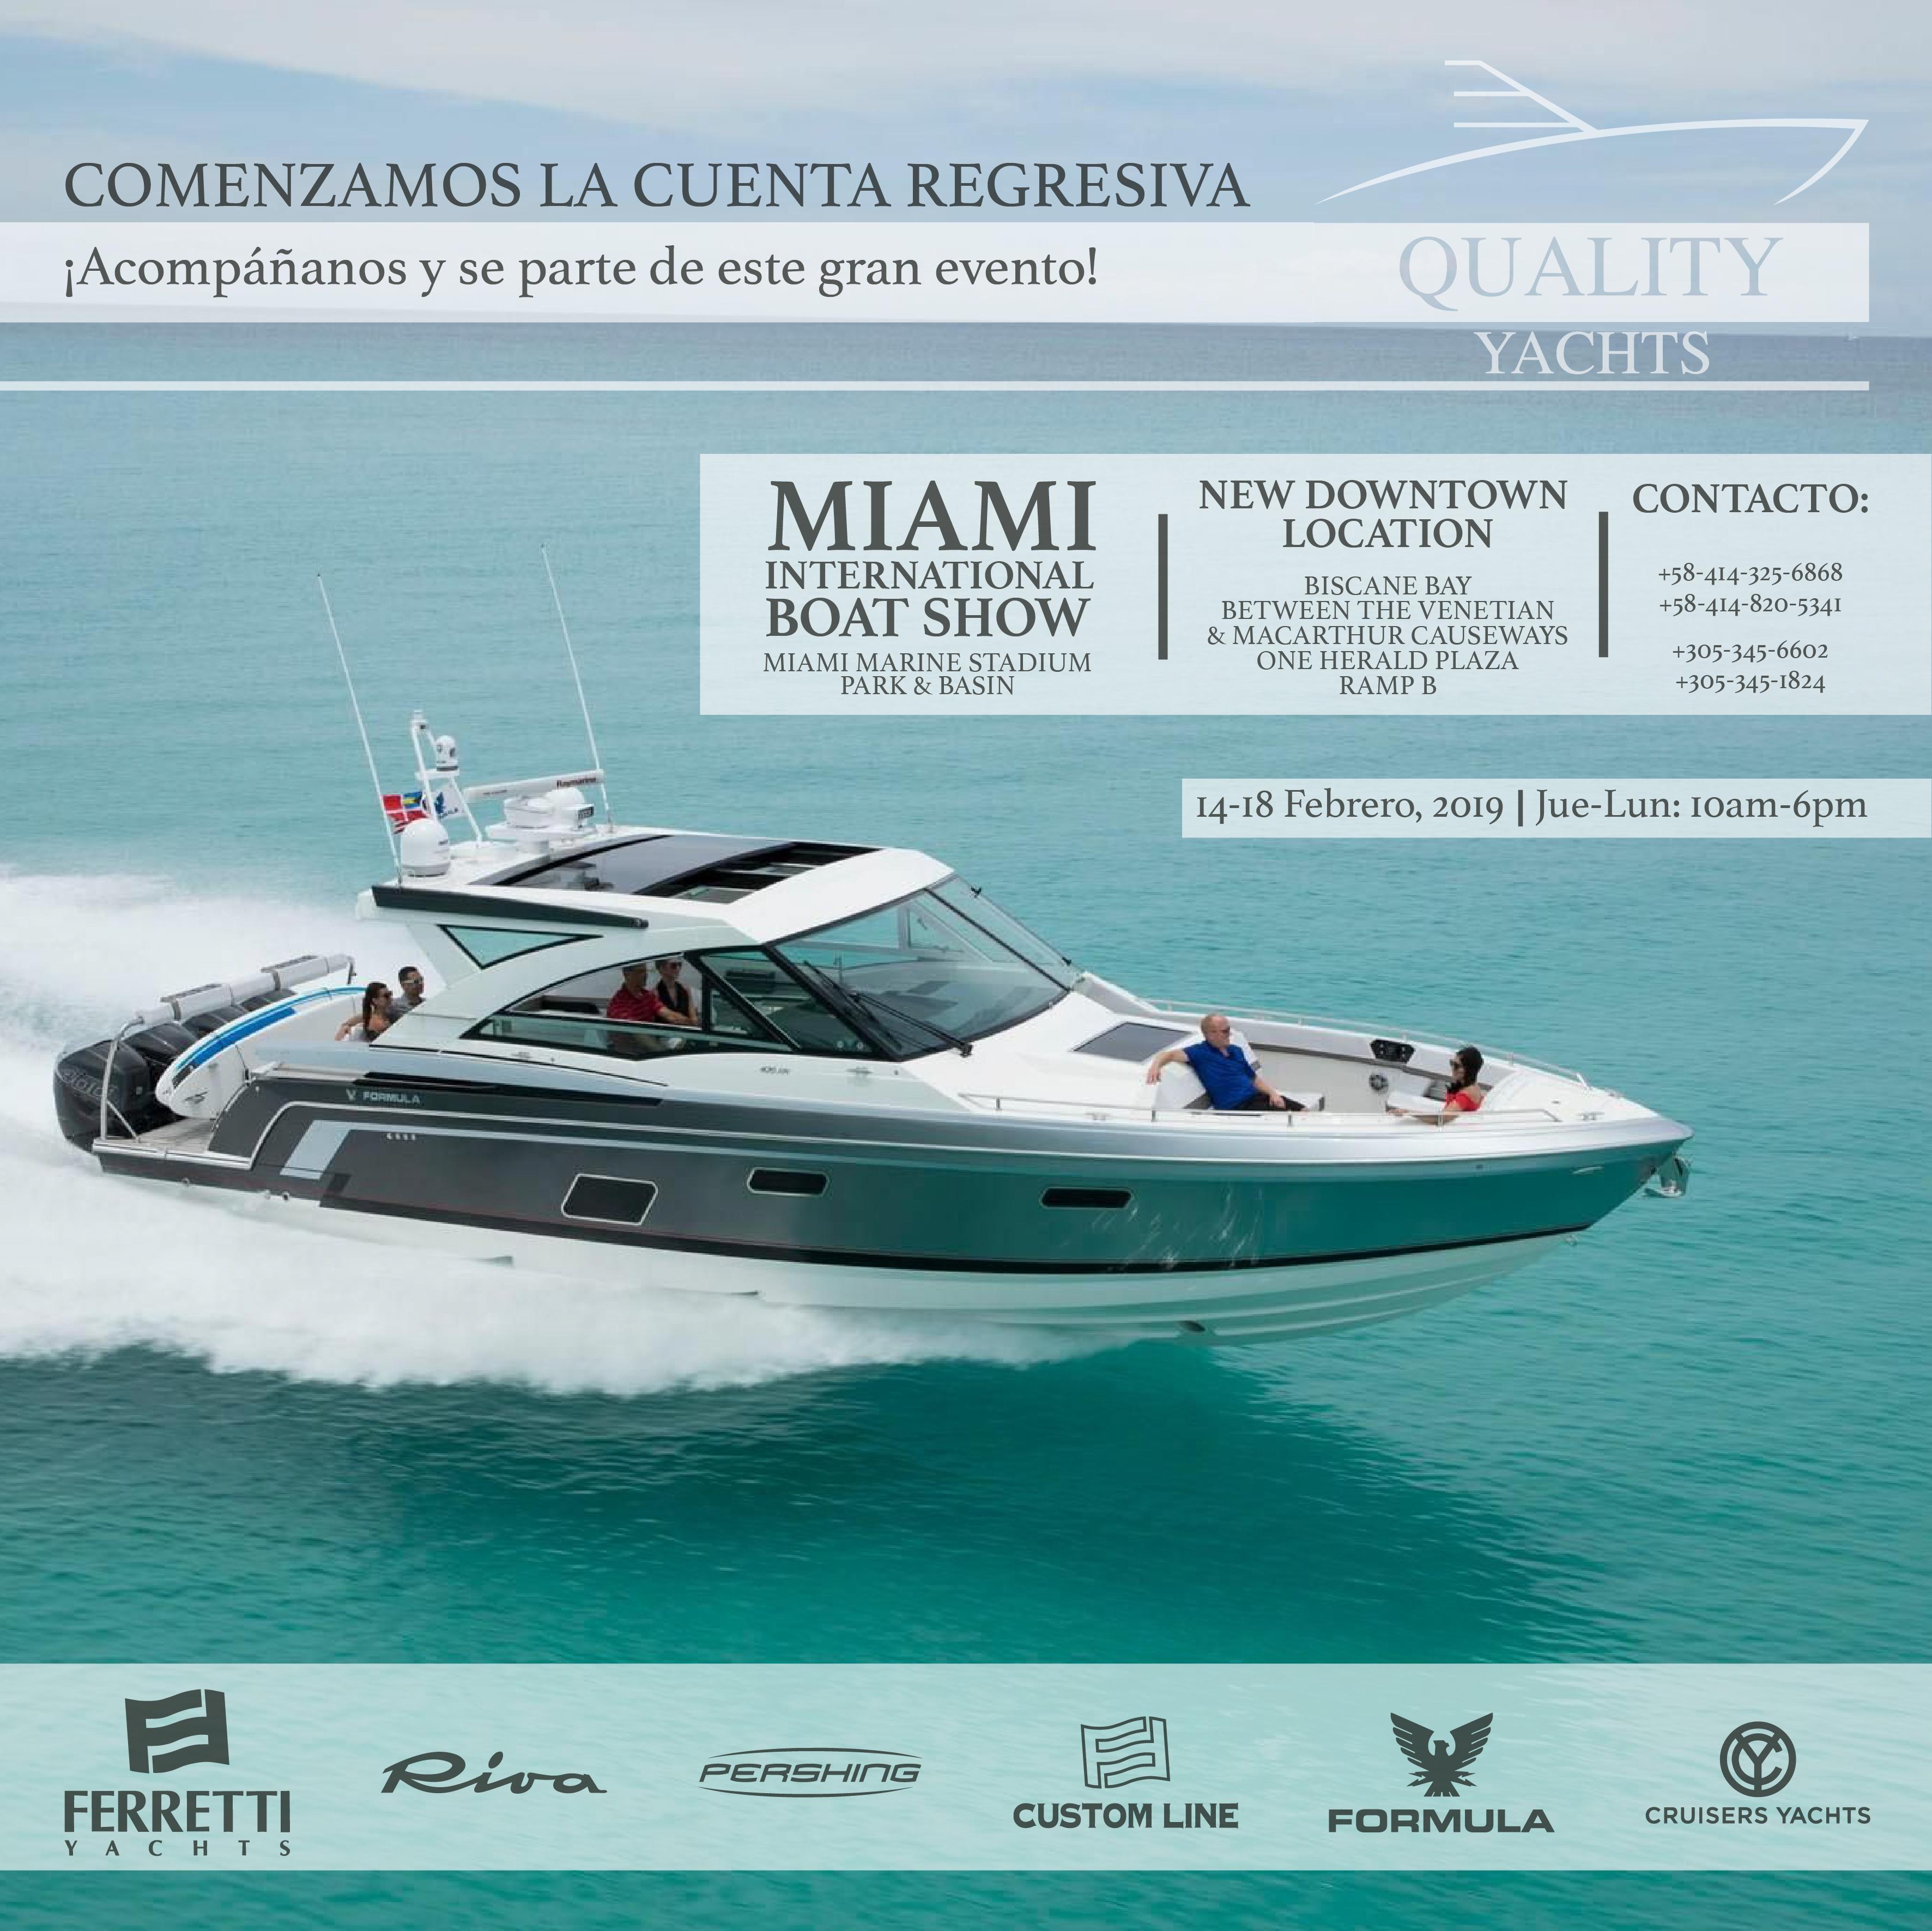 Cuenta regresiva para el Miami International Boat Show 2019